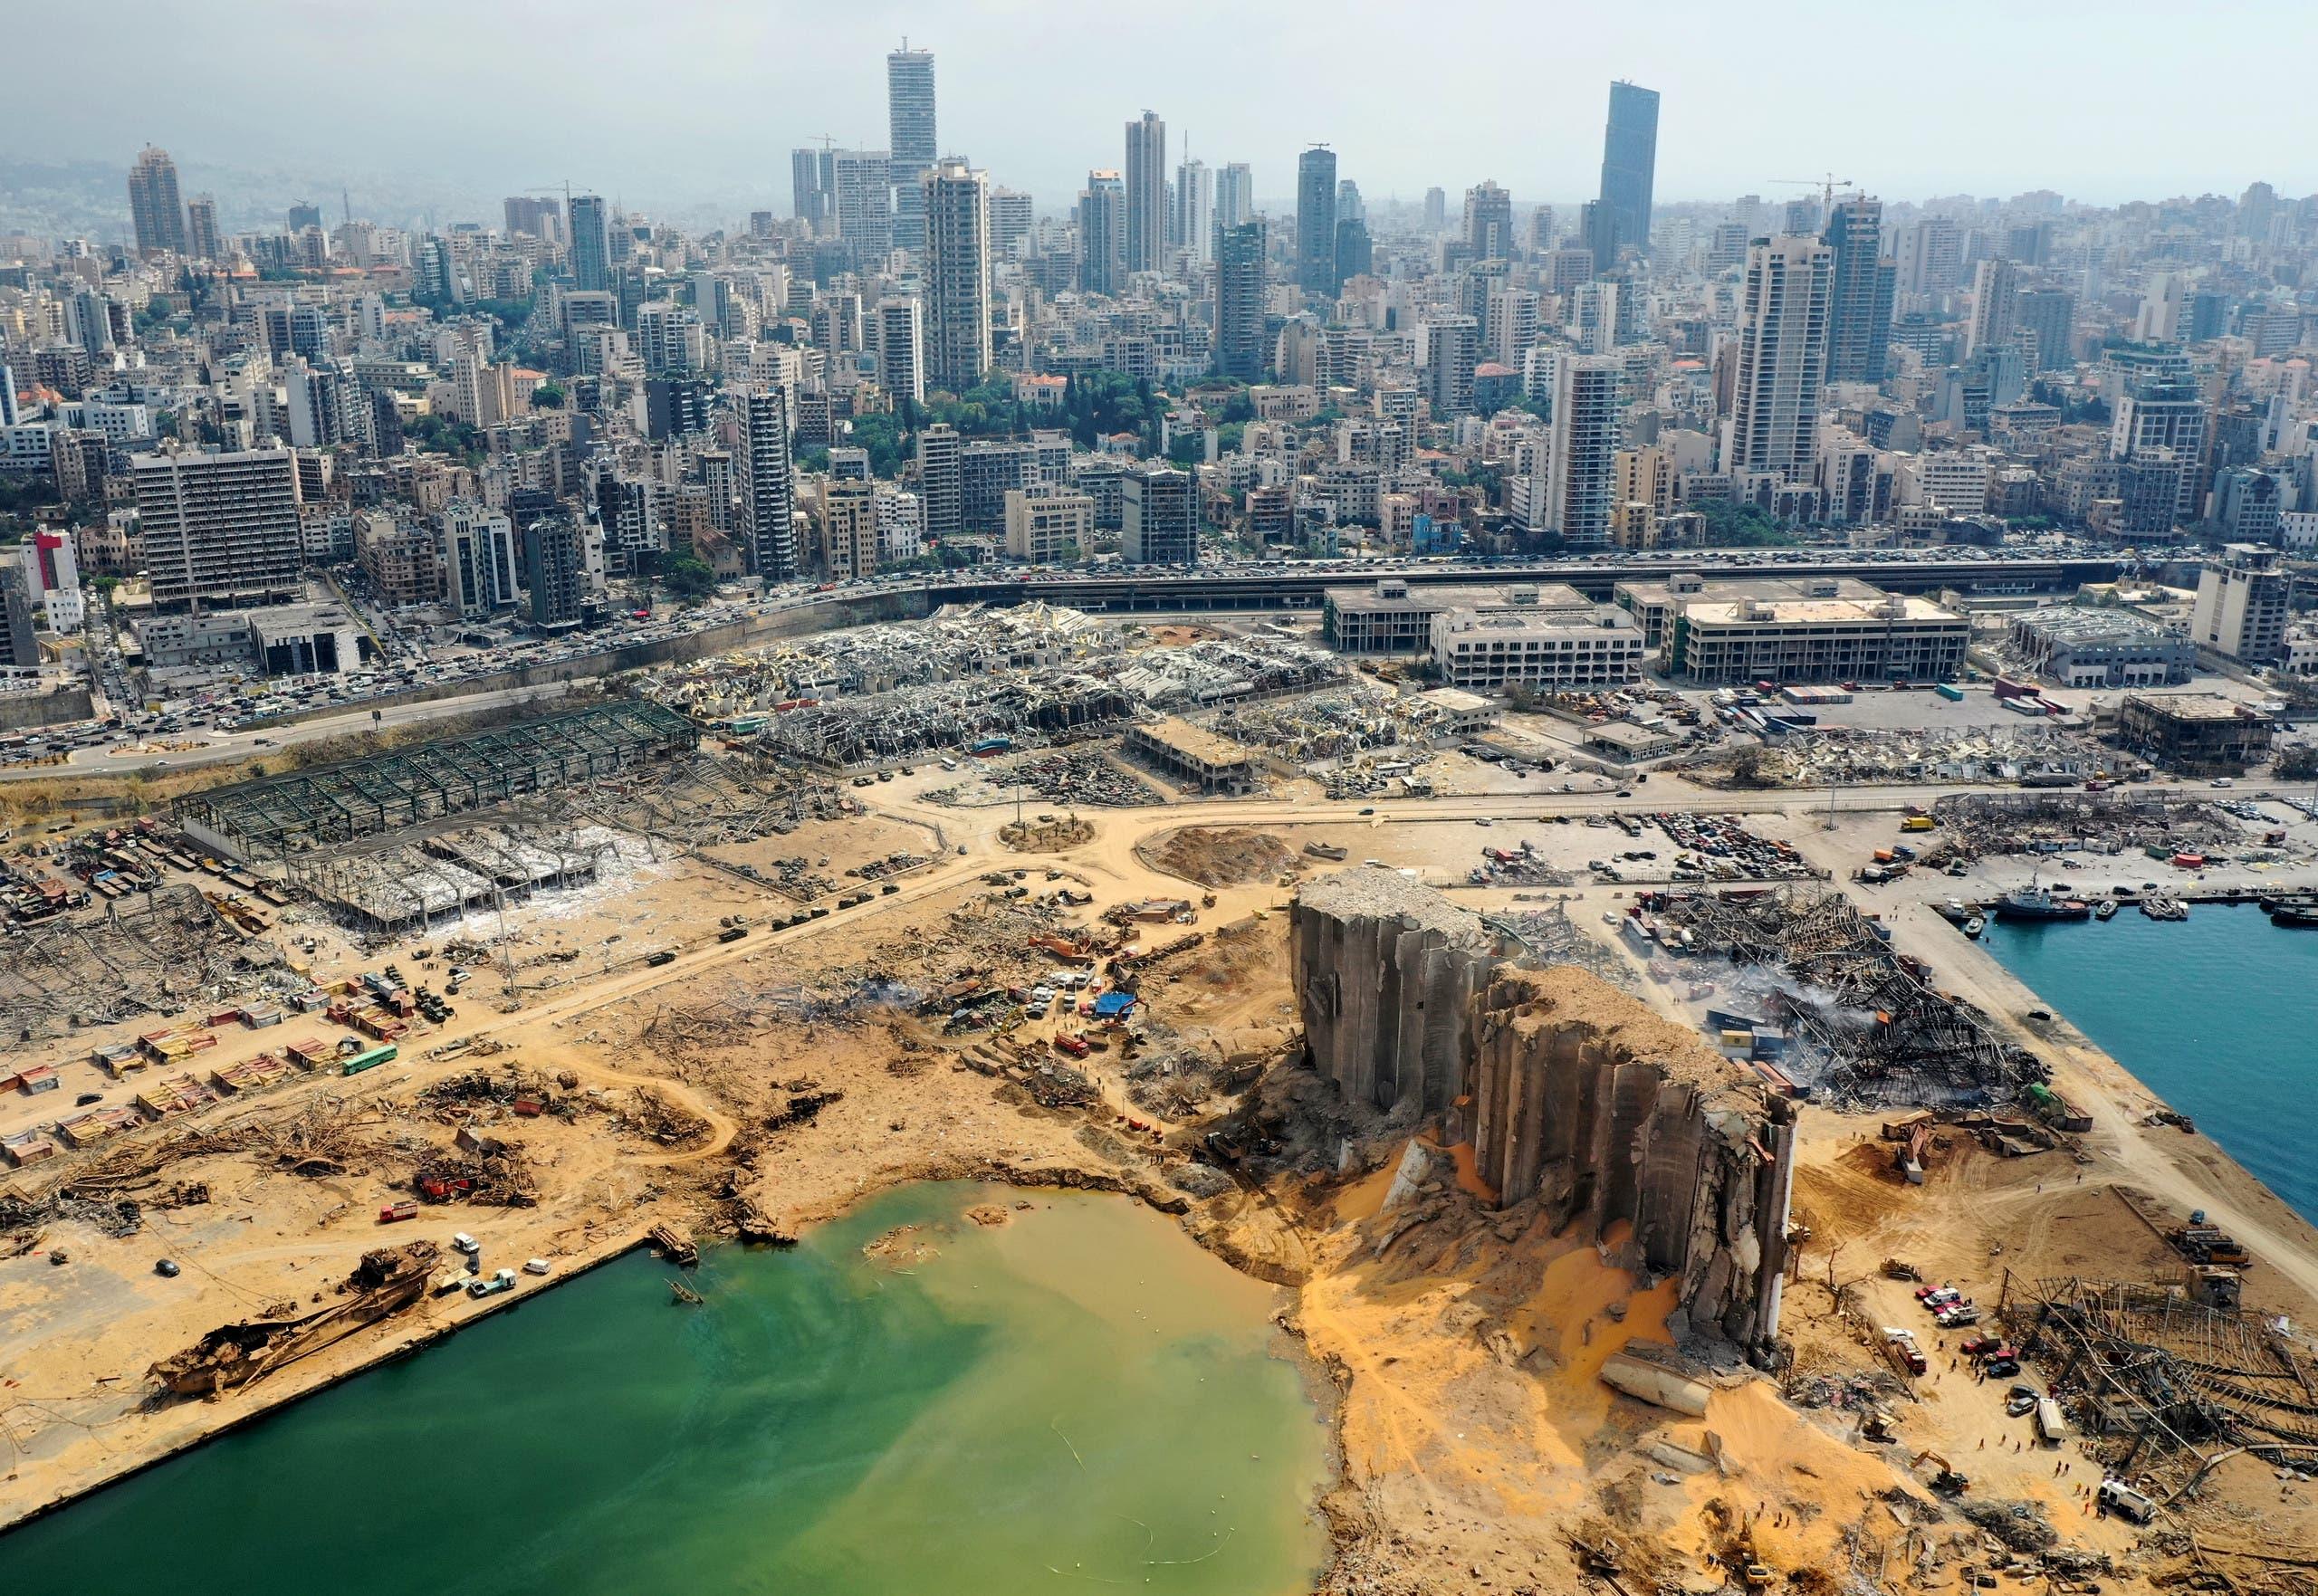 انفجار مرفأ بيروت عمق مصاعب لبنان الاقتصادية المزمنة